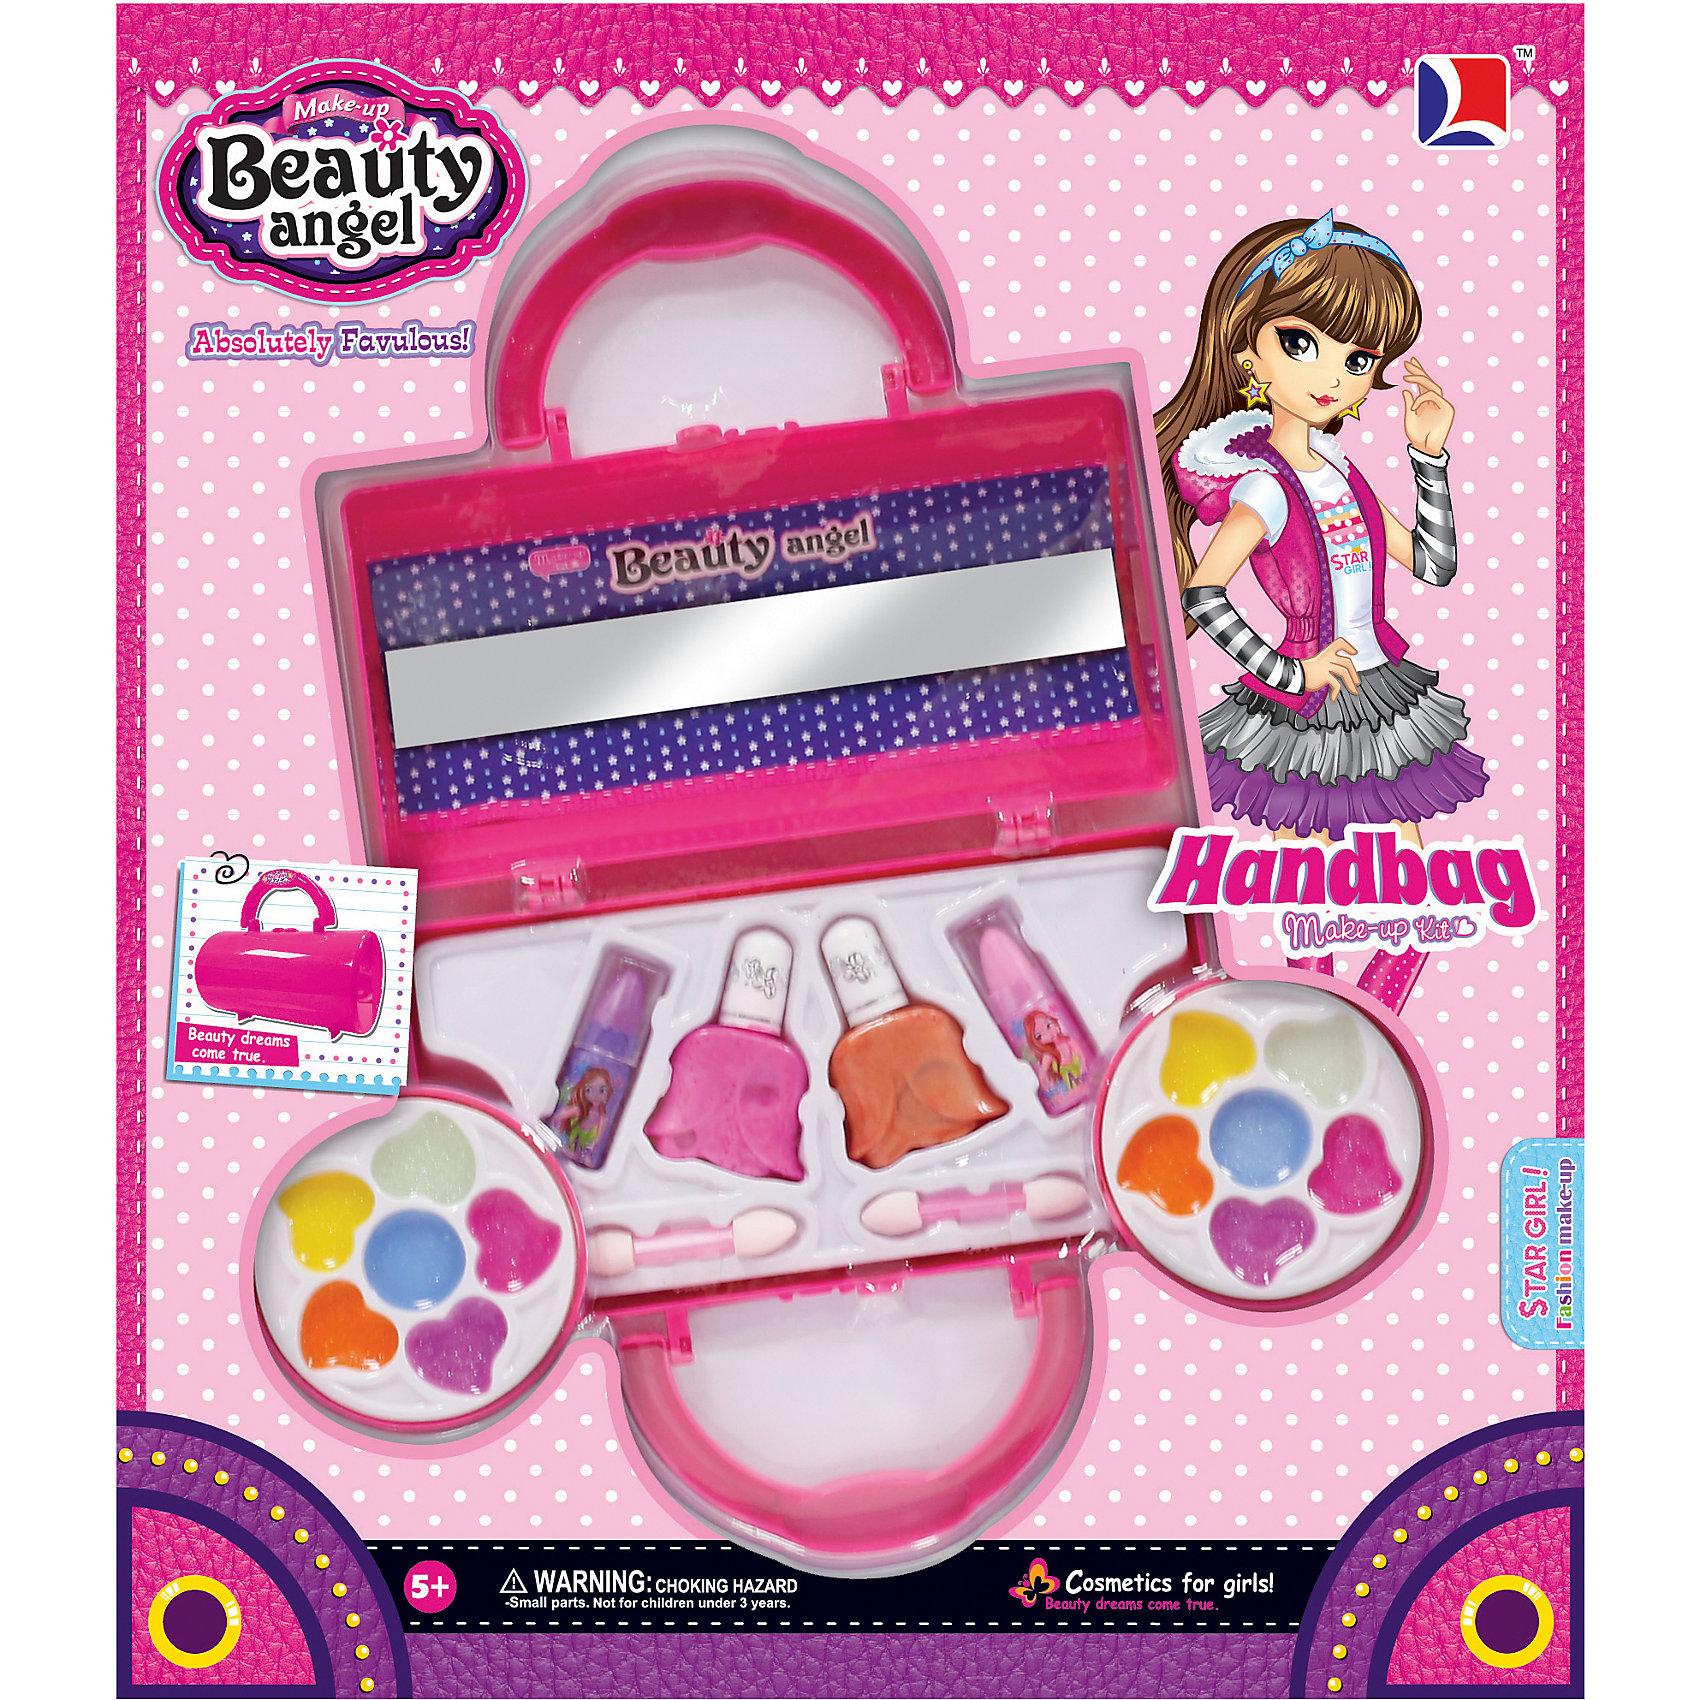 Игровой косметический набор Клатч, Beauty AngelКосметика, грим и парфюмерия<br>Характеристики:<br><br>• Вид игрушек: детская косметика<br>• Пол: для девочки<br>• Материал: пластик, натуральные компоненты и красители<br>• Цвет: оттенки розового, голубой, желтый, зеленый, оранжевый и др.<br>• Комплектация: <br> блеск для губ – 12 тонов<br> губная помада – 2 тона<br> лак для ногтей – 2 тона<br> кисточка – 2 шт.<br>• Форма футляра: клатч<br>• Размер упаковки (Д*Ш*В): 33,5*6*29 см<br>• Вес: 348 г<br>• Упаковка: картонная коробка с блистером<br><br>Игровой косметический набор Клатч, Beauty Angel от всемирно известного торгового бренда Dileny, который занимается разработкой, дизайном и выпуском детской декоративной косметики с учетом модных и стильных тенденций мира моды. Линейка наборов Beauty Angel представляет собой косметические наборы в состав которых входят как матовые, так и перламутровые оттенки, аксессуары и инструменты для нанесения макияжа. <br><br>Декоративная косметика от Dileny легко наносится, ложится ровным слоем, не осыпается и легко смывается либо теплой водой, либо детским косметическим маслом. Косметика обладает повышенными гипоаллергенными свойствами и легким ароматом. Игровой косметический набор Клатч, Beauty Angel состоит из 12 оттенков блеска для губ, 2 оттенков губной помады, лака для ногтей и кисточек. Футляр выполнен в форме клатча.<br><br>Игровой косметический набор Клатч, Beauty Angel станет идеальным подарком для девочки к любому празднику.<br><br>Игровой косметический набор Клатч, Beauty Angel можно купить в нашем интернет-магазине.<br><br>Ширина мм: 335<br>Глубина мм: 60<br>Высота мм: 290<br>Вес г: 348<br>Возраст от месяцев: 60<br>Возраст до месяцев: 120<br>Пол: Женский<br>Возраст: Детский<br>SKU: 5418955